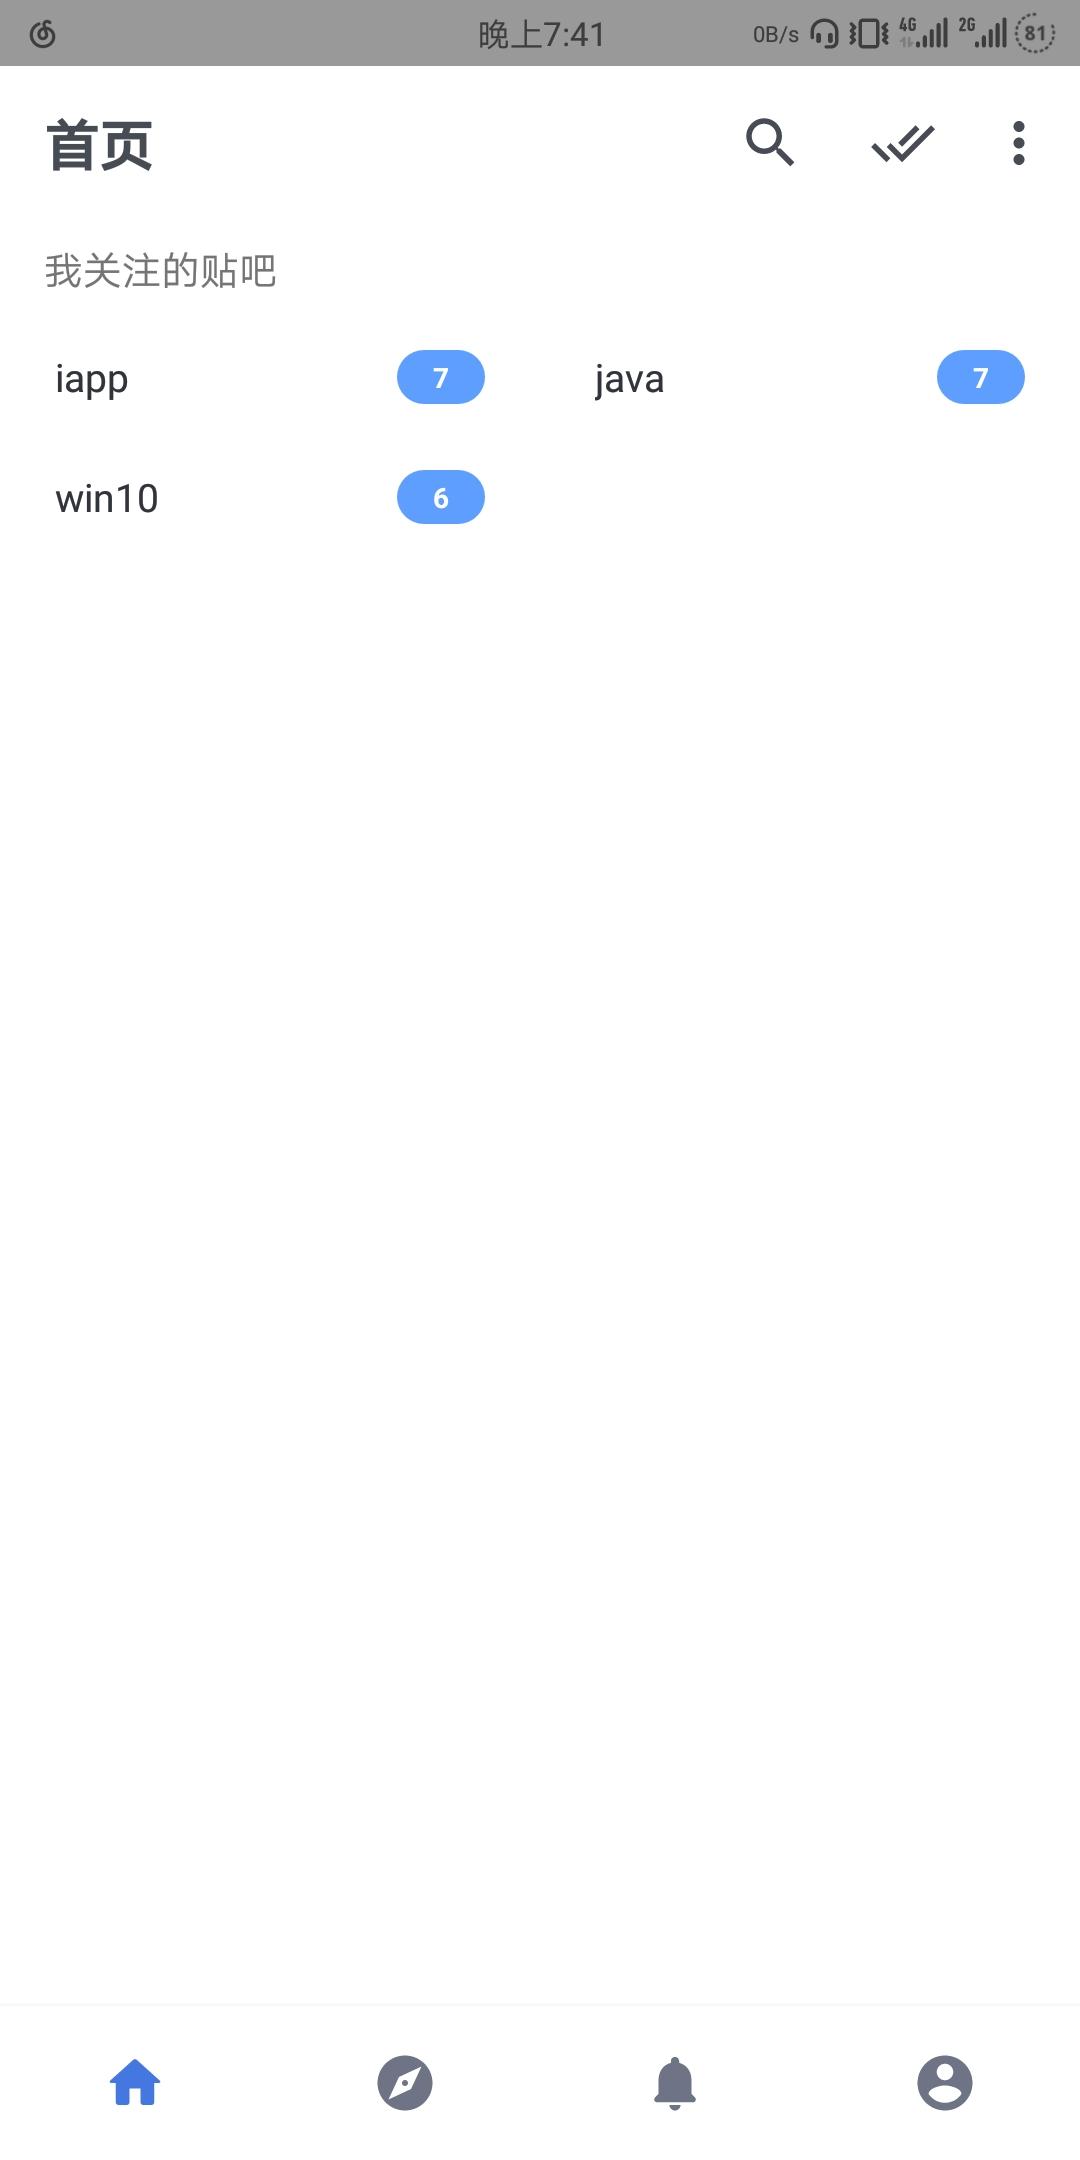 【极简】百度贴吧Lite V3.5.0.1 MD风格 无广告